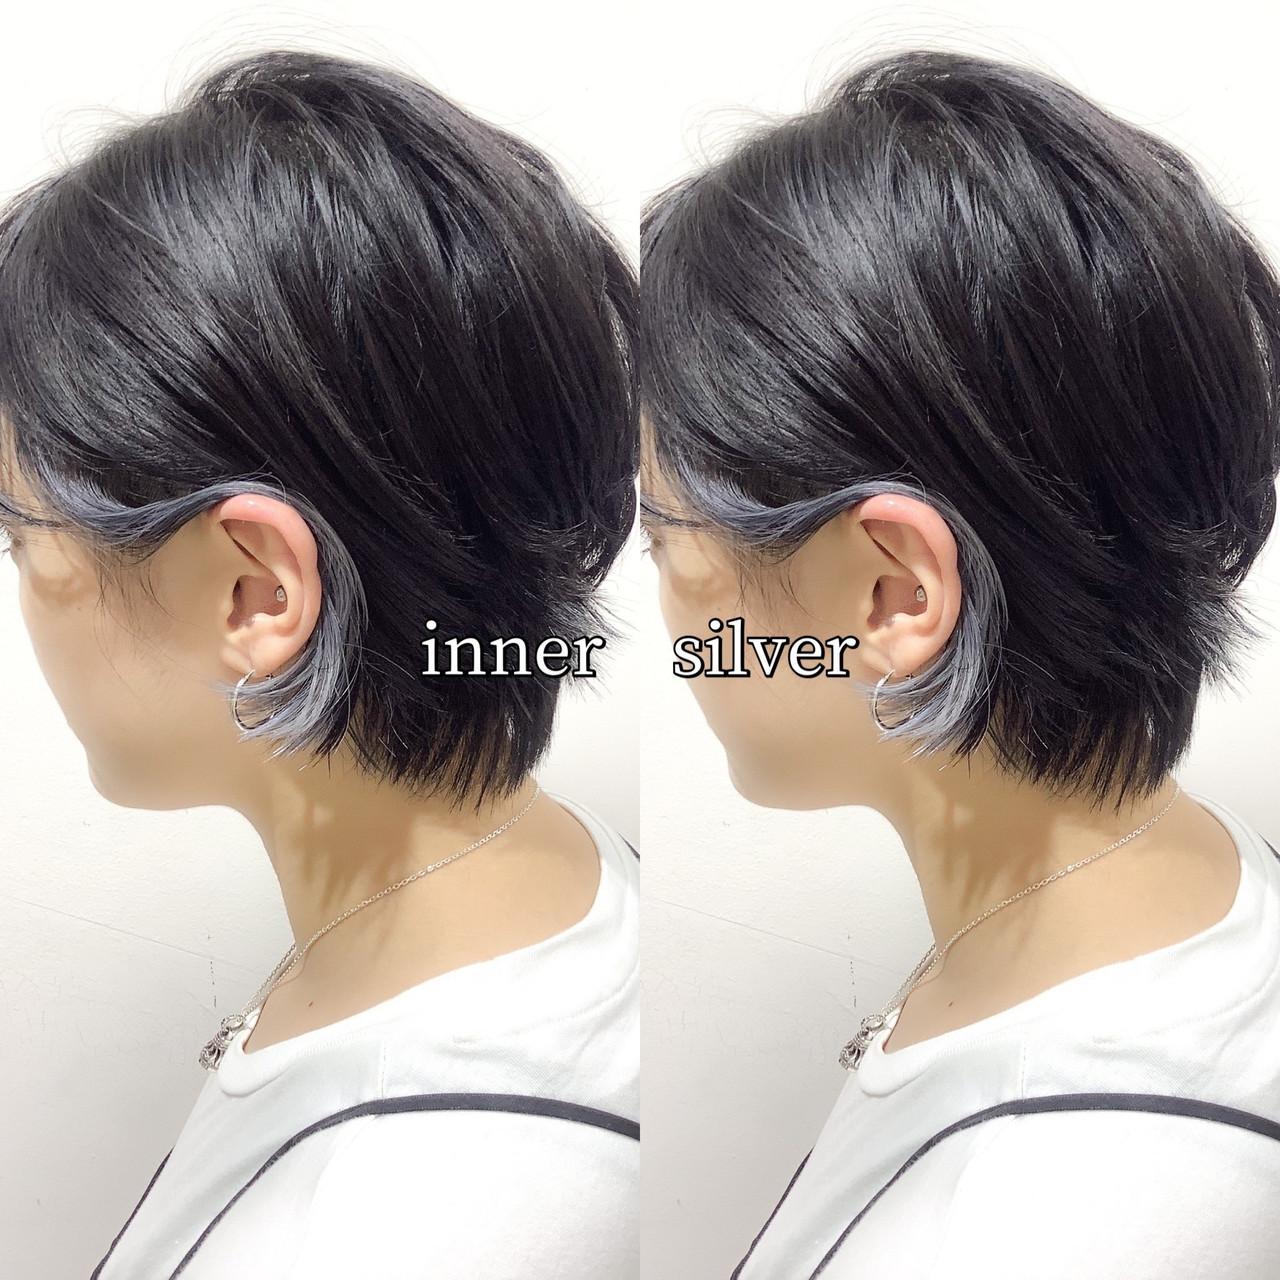 ヘアカラー シルバー シルバーグレー インナーカラーシルバー ヘアスタイルや髪型の写真・画像